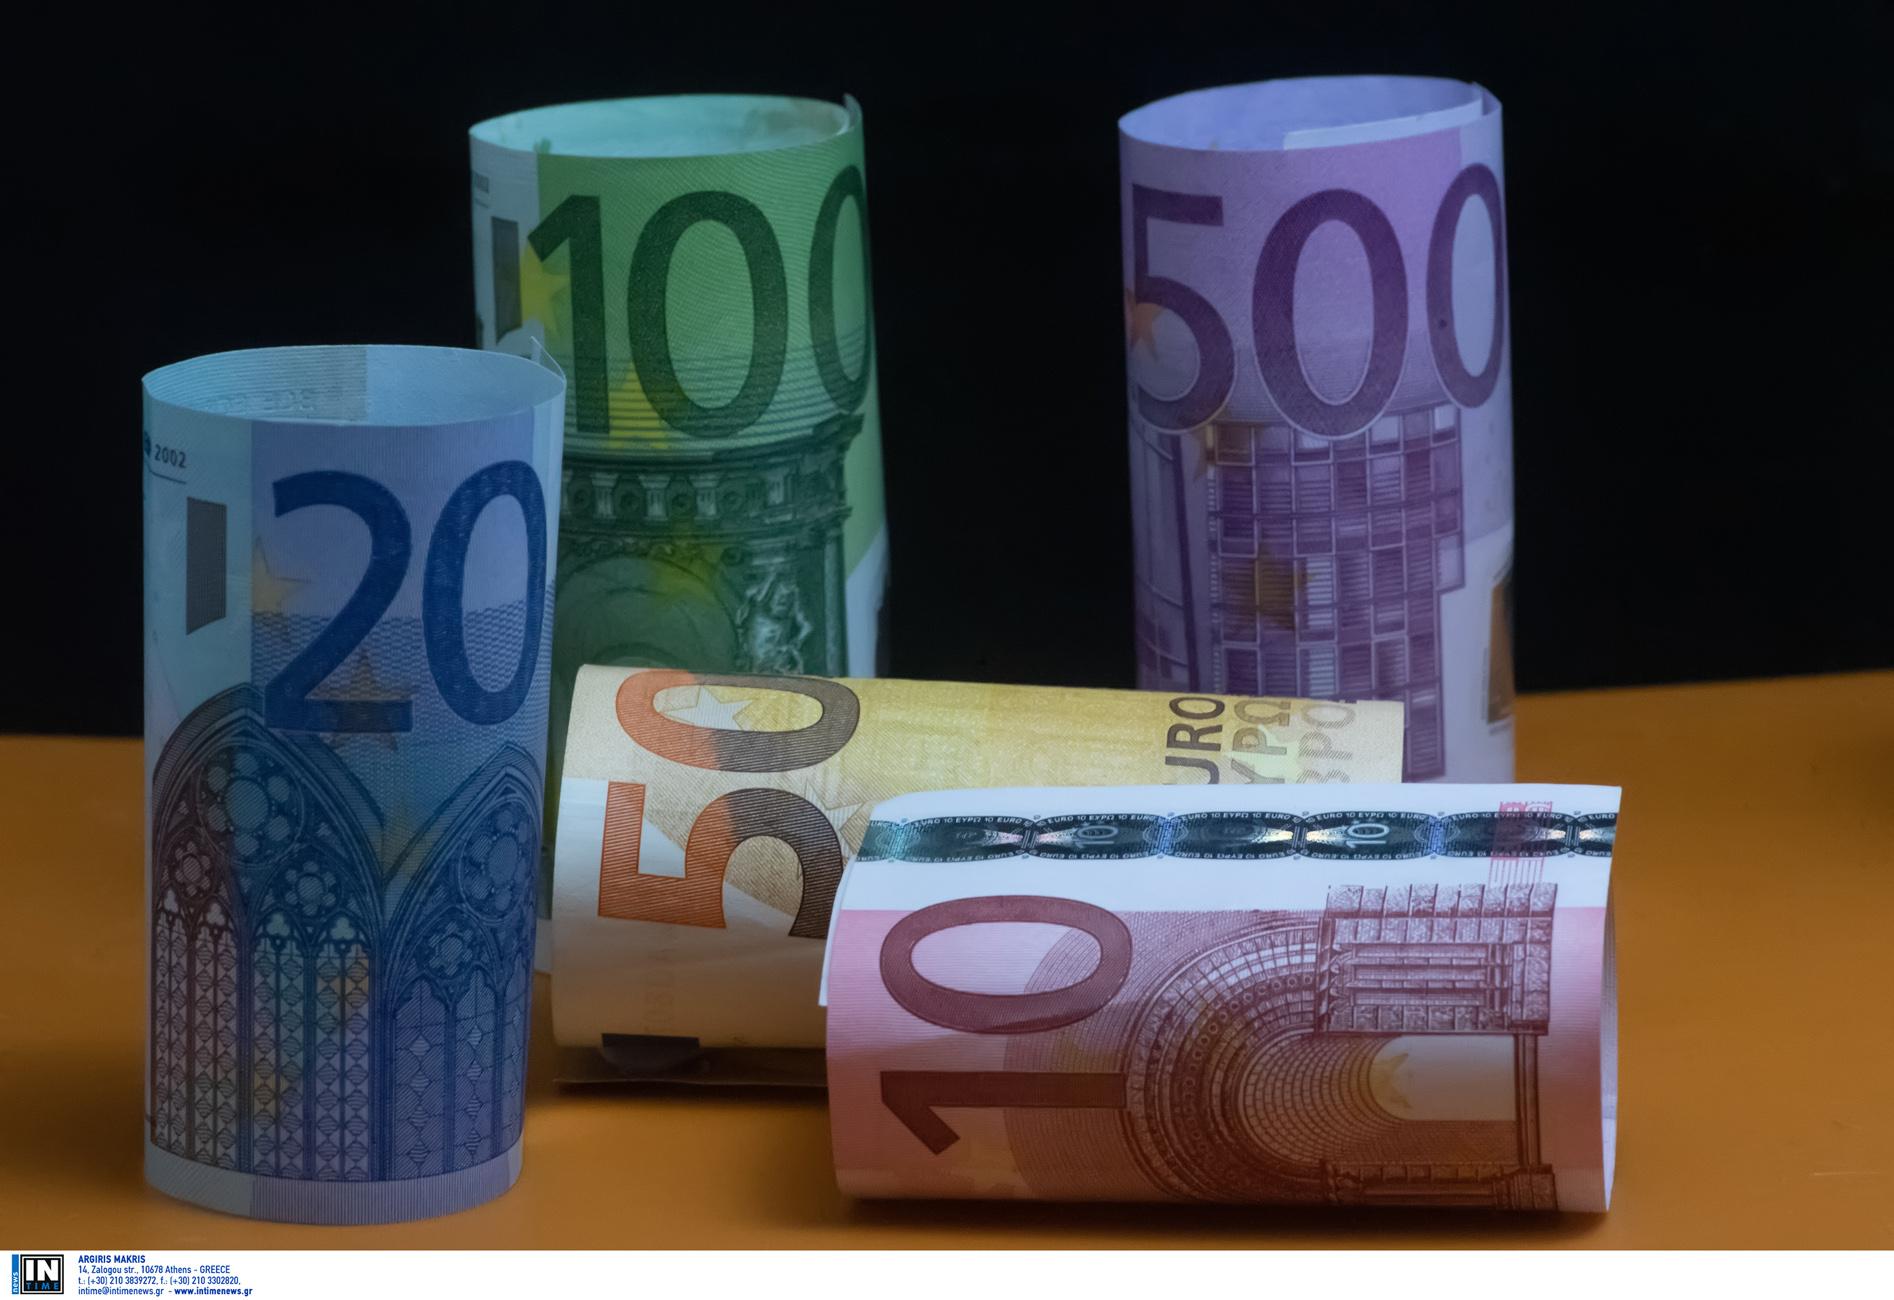 Εξόφληση λογαριασμών σε χιλιάδες σημεία πώλησης εκτός γκισέ τραπεζών